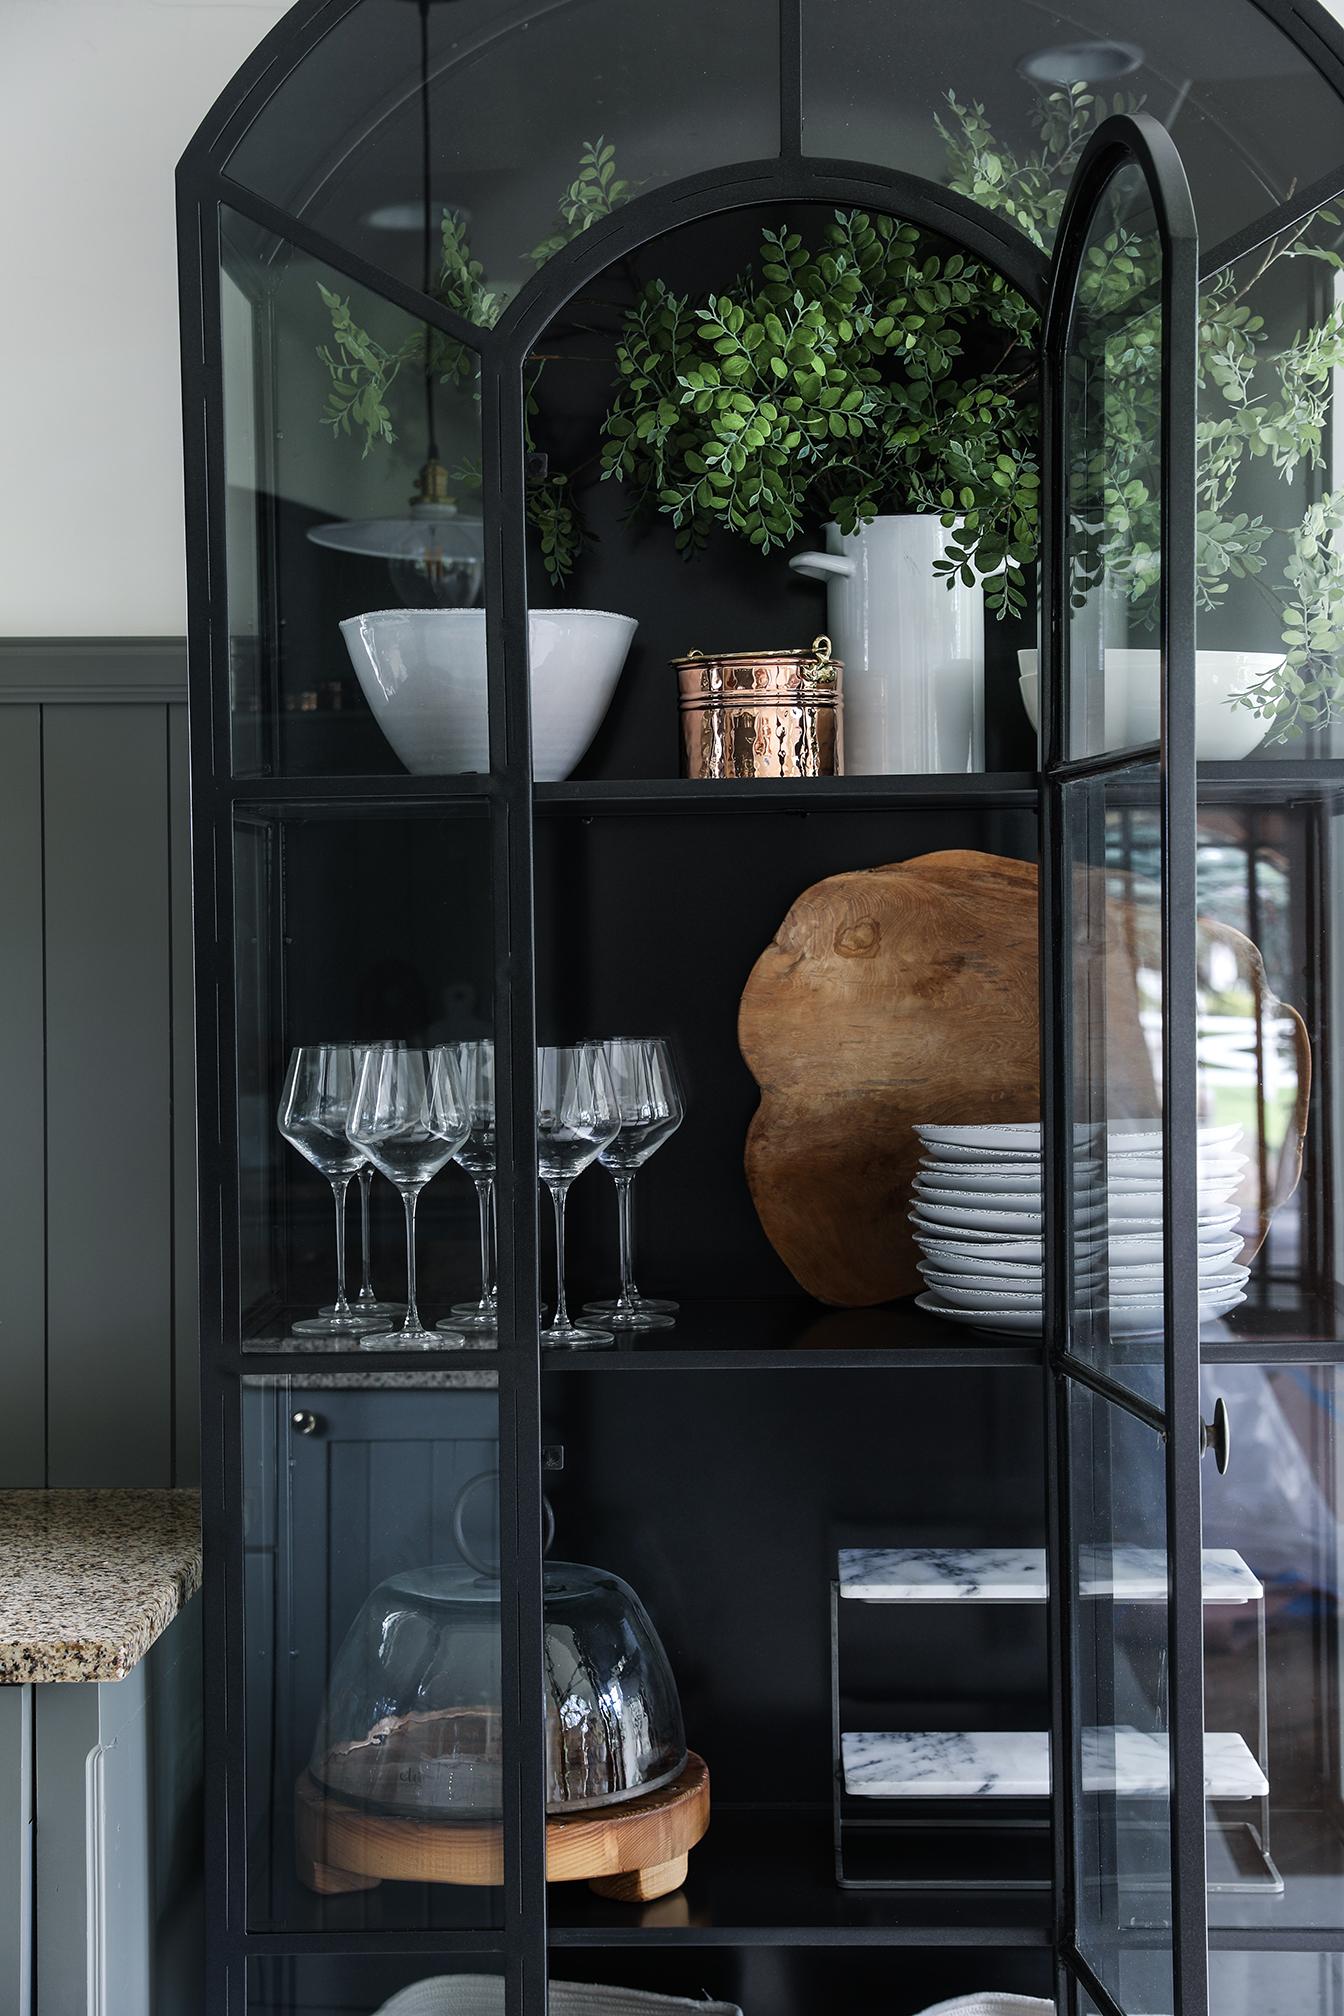 Budget Friendly modern cottage kitchen8.jpg